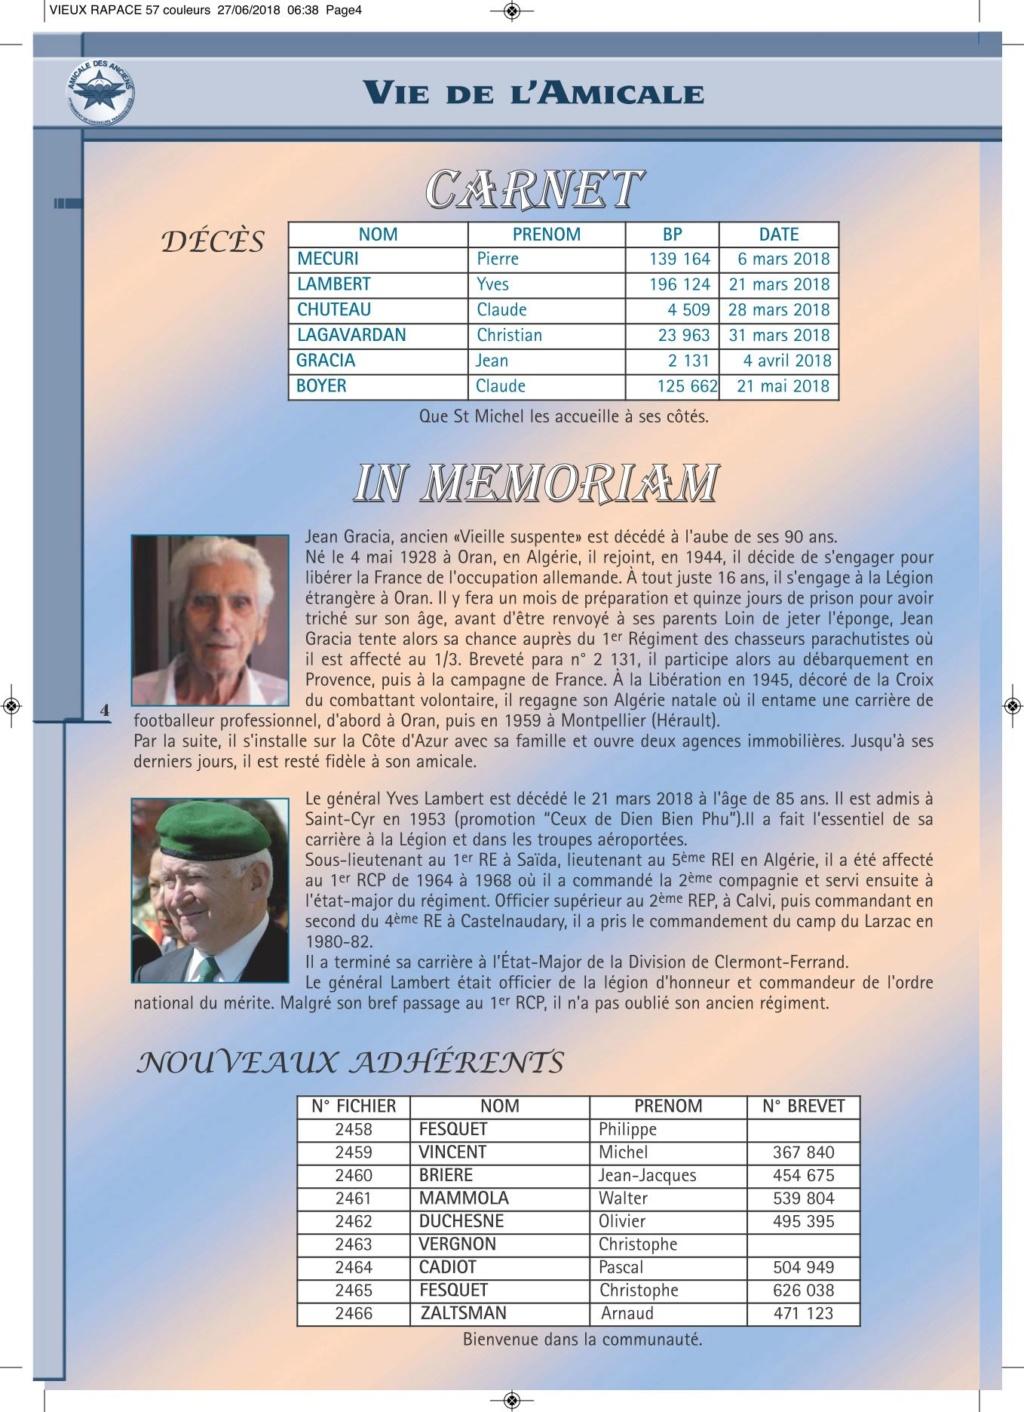 LE VIEUX RAPACE n°57 Vieux_13